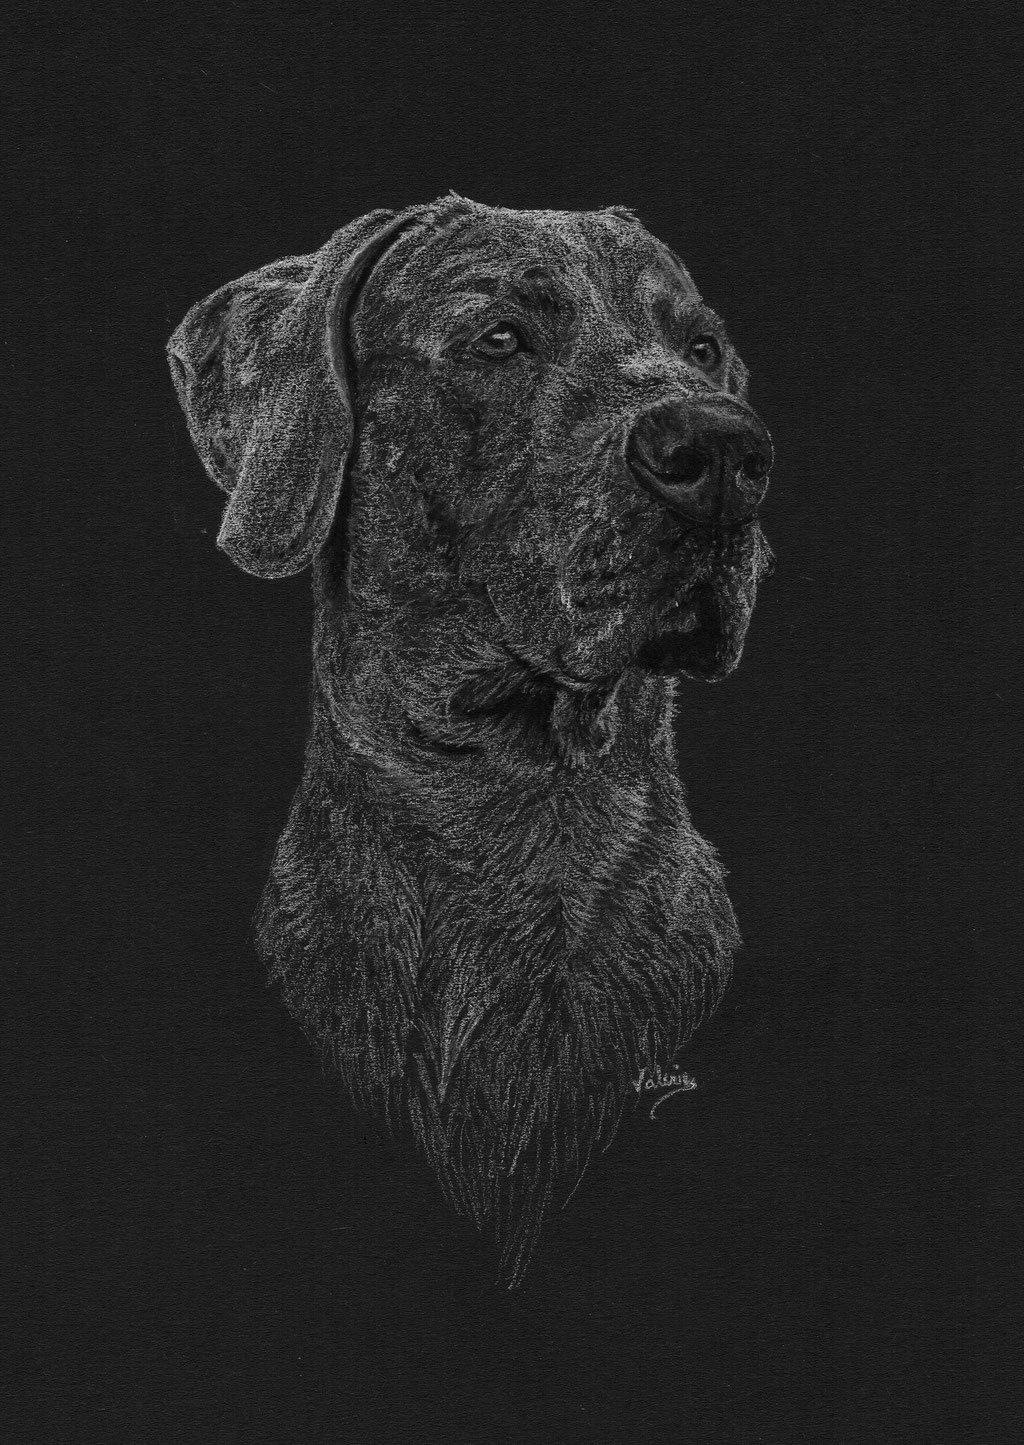 Dierenportret duitse dog: Wit potlood op zwart papier (2018)